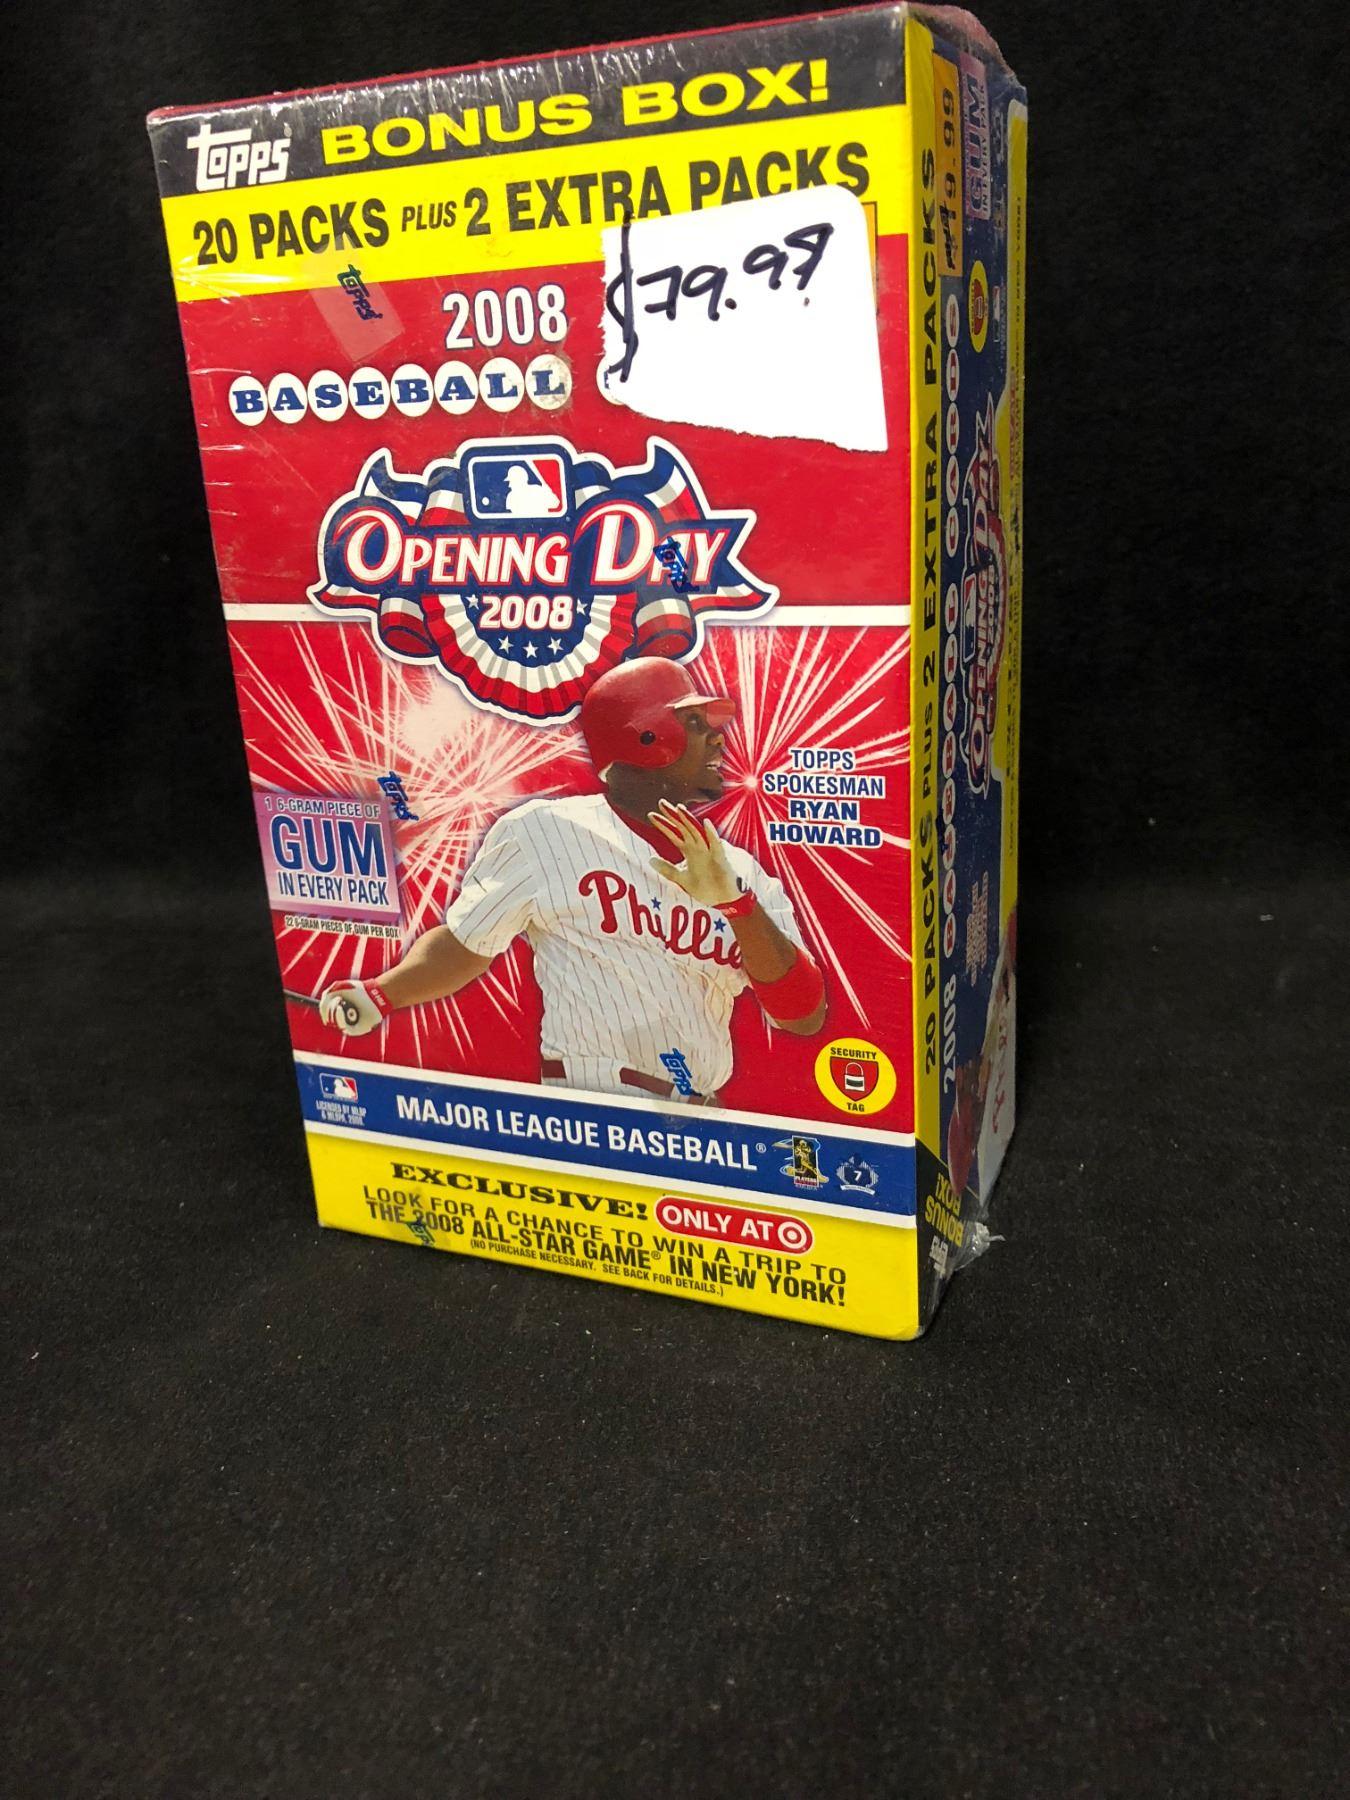 2008 Topps Baseball Opening Day Baseball Cards Bonus Box